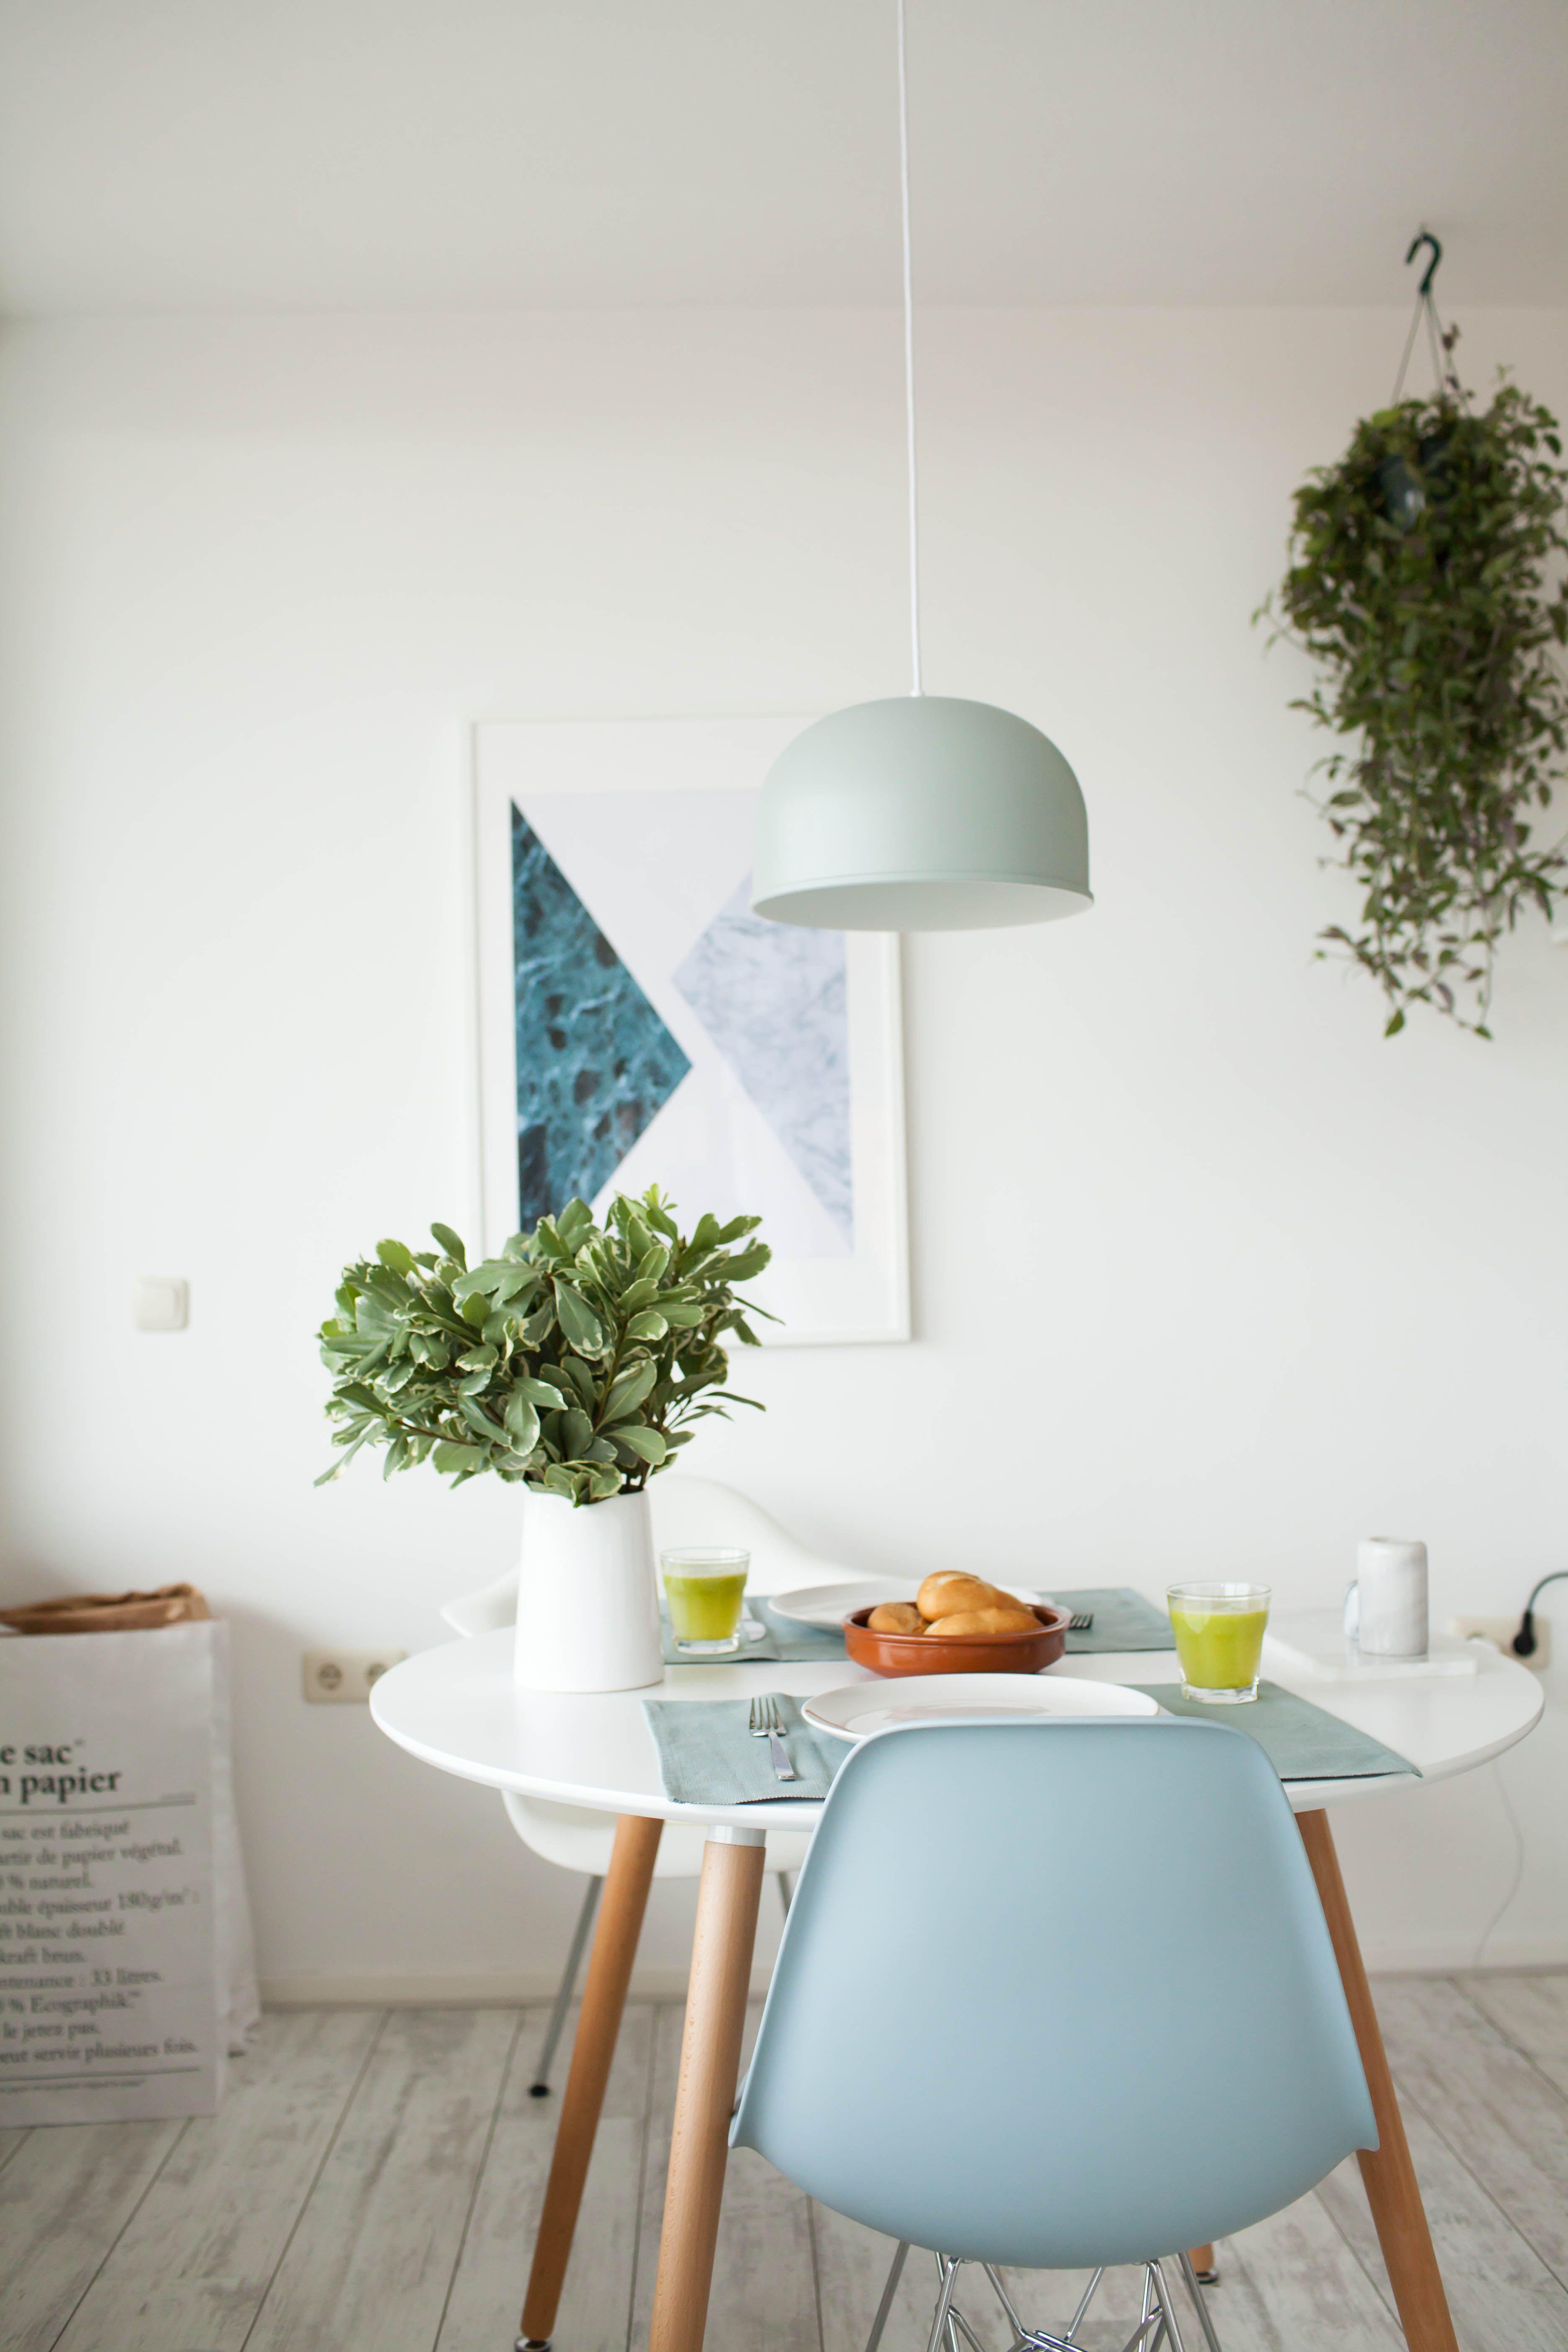 Neue wohnzimmer innenarchitektur pin von bettina brake auf decor u diy  pinterest  esszimmer